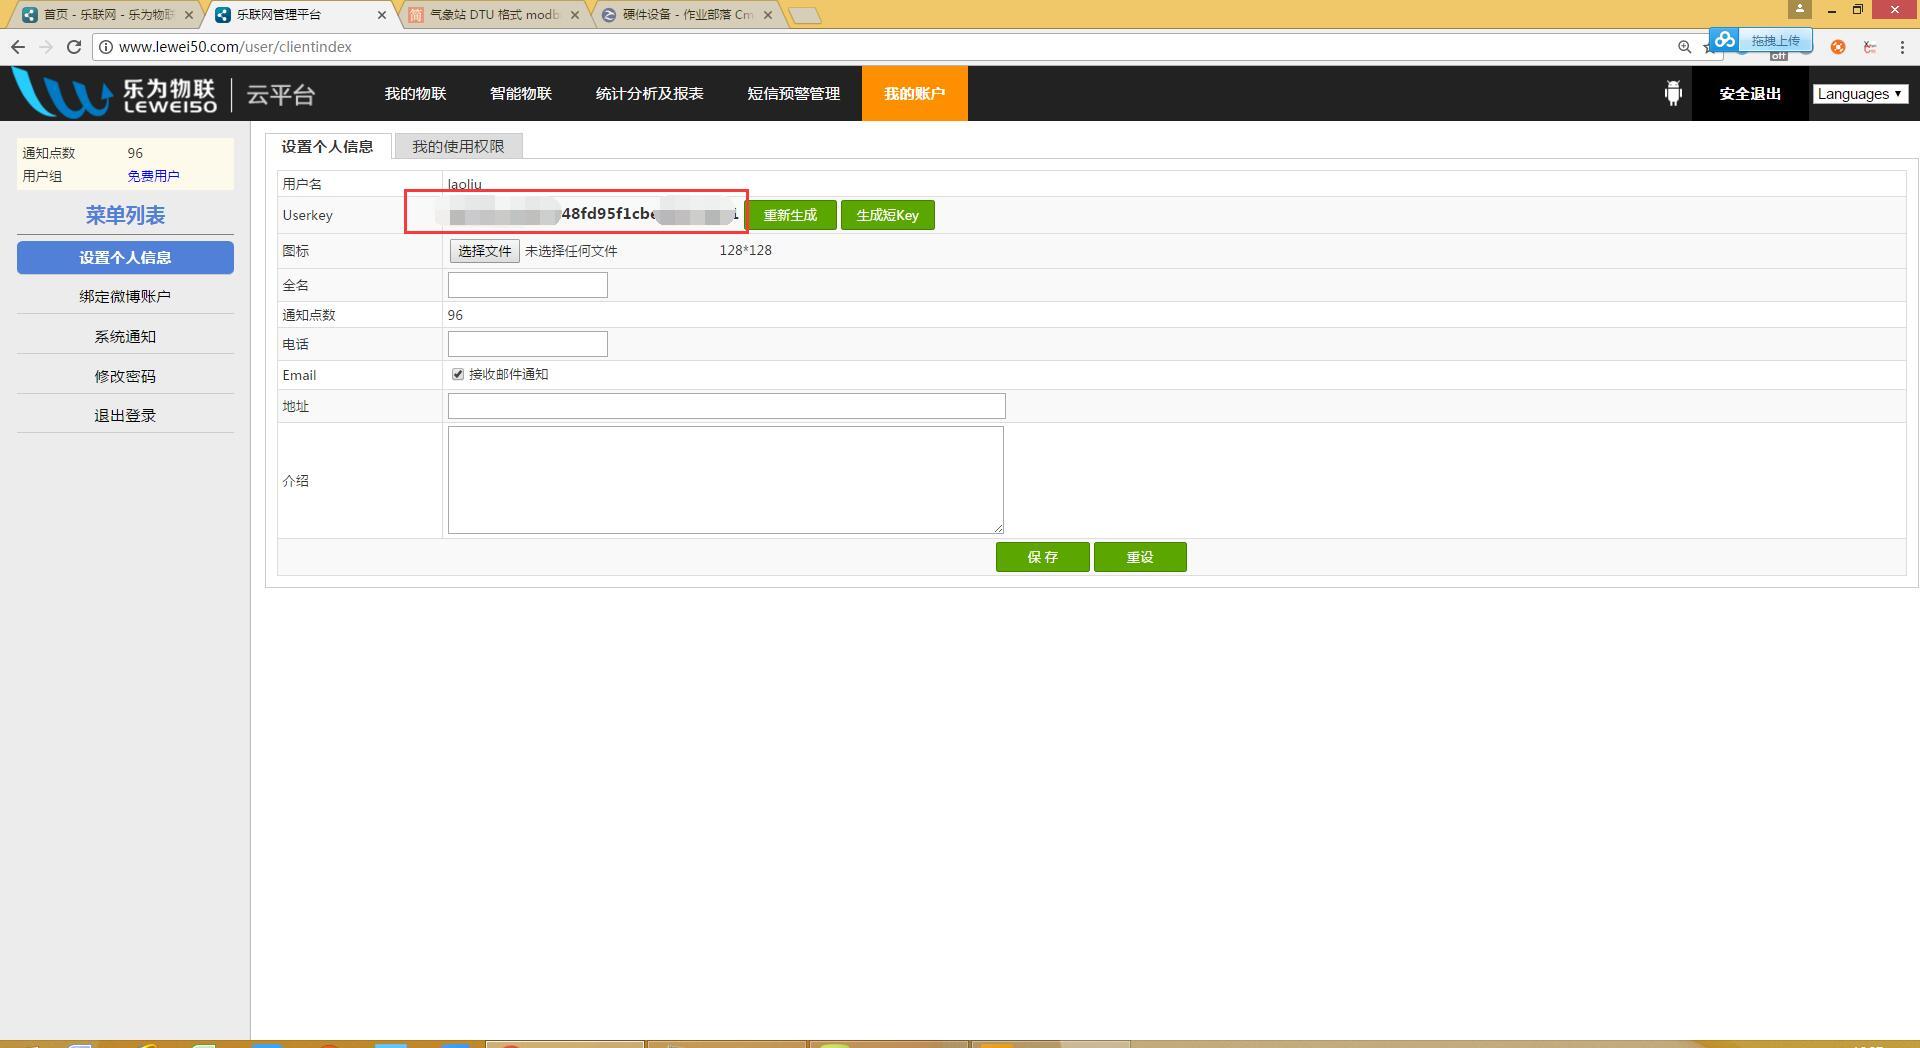 账户userkey 位置